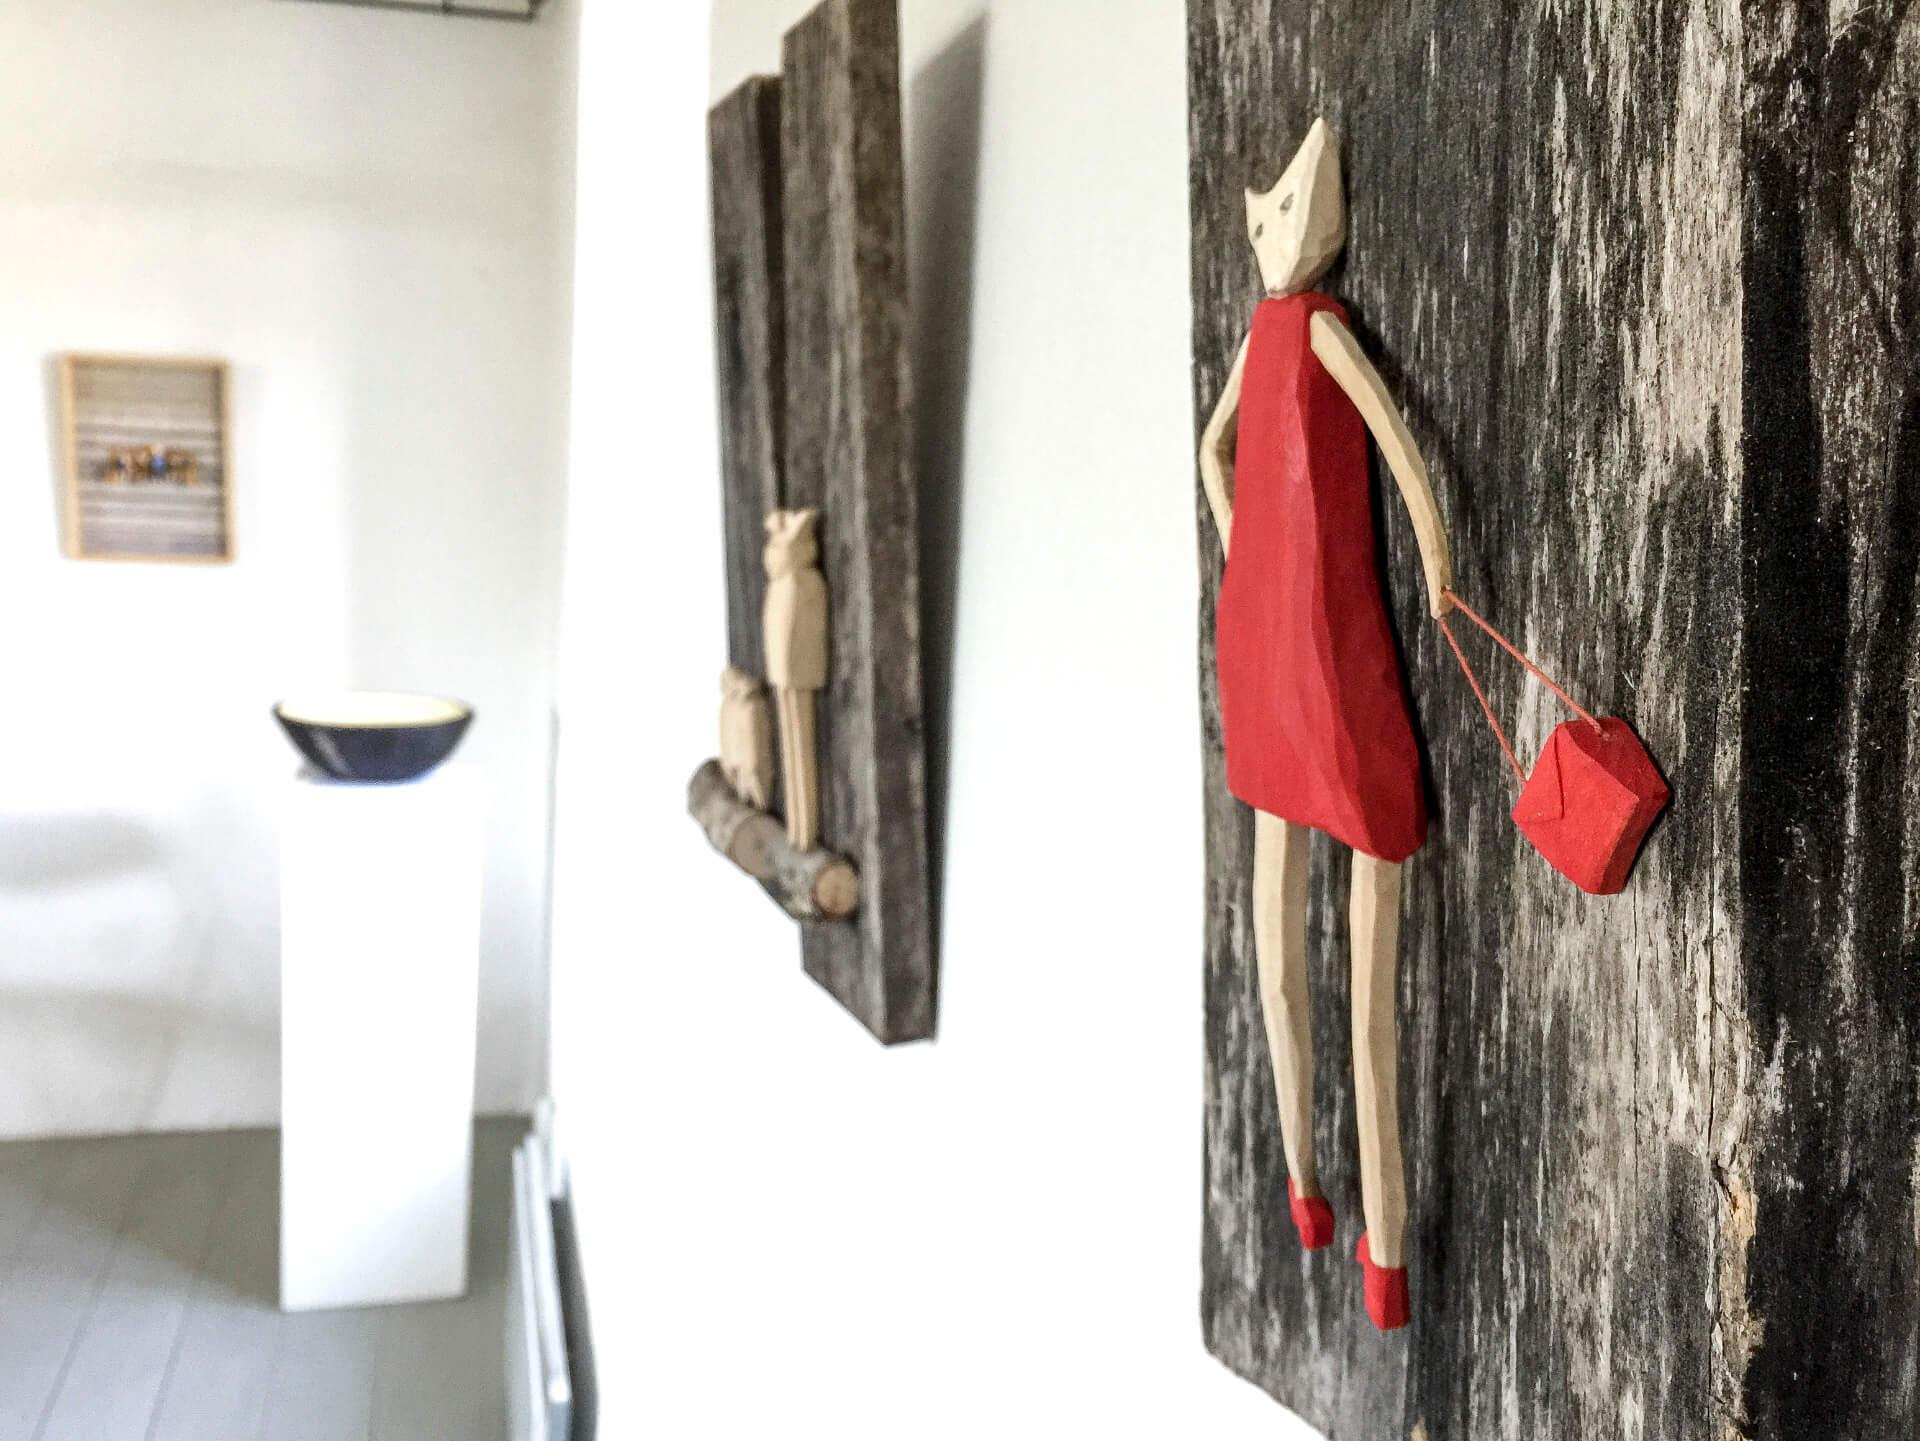 Sadelmakarlängan-2018--Norea-Form-10.jpg